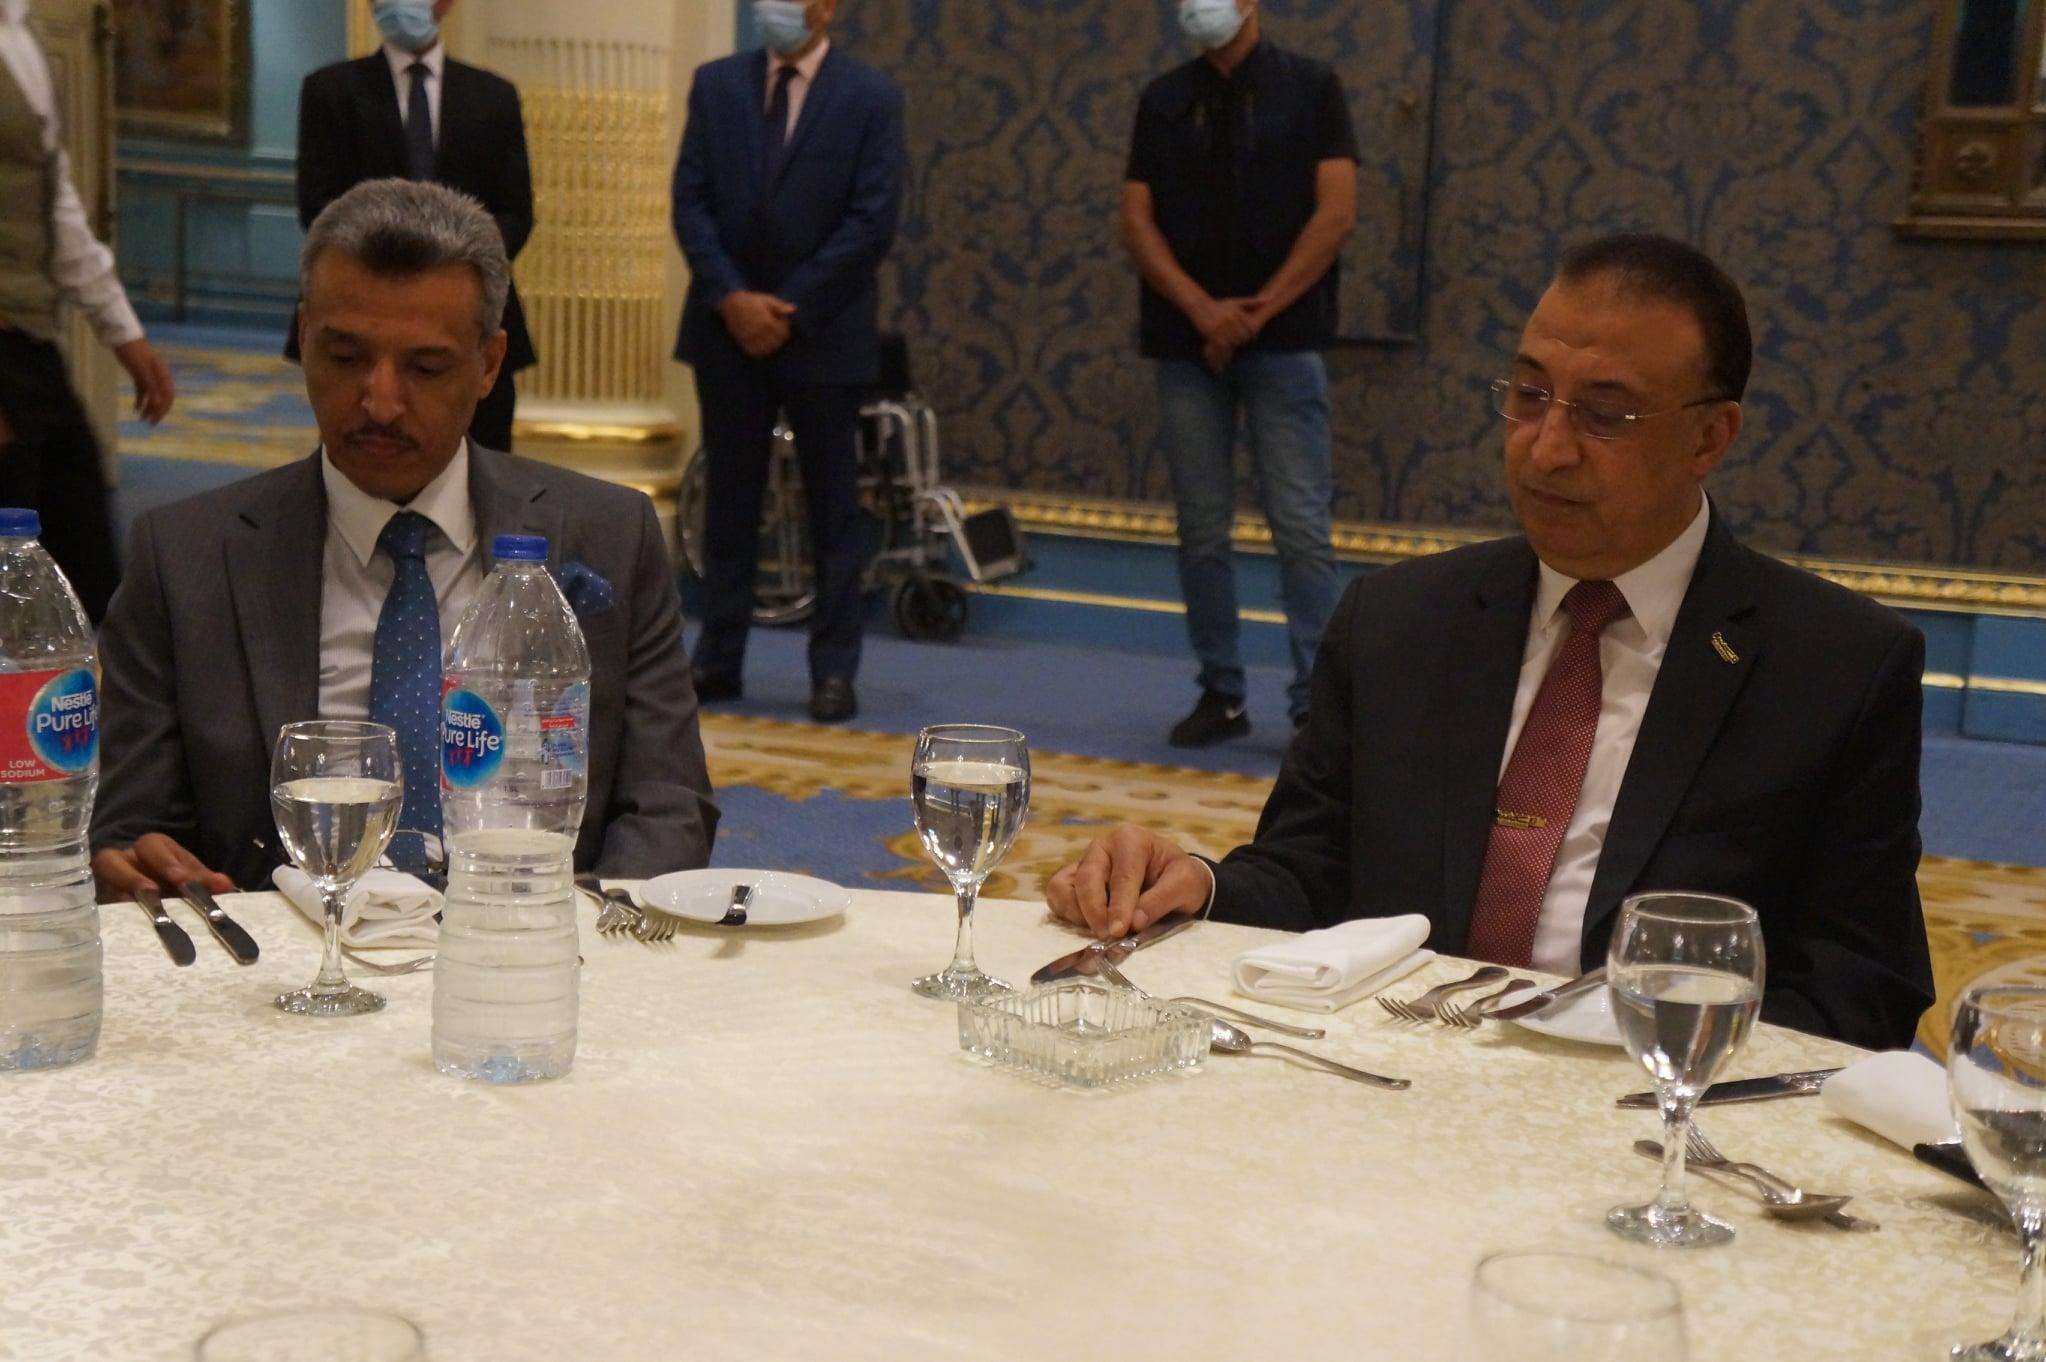 السفير يوسف بن صالح القهرة  مع محافظ الإسكندرية  - من فيس بوك الغرفة التجارية بالإسكندرية